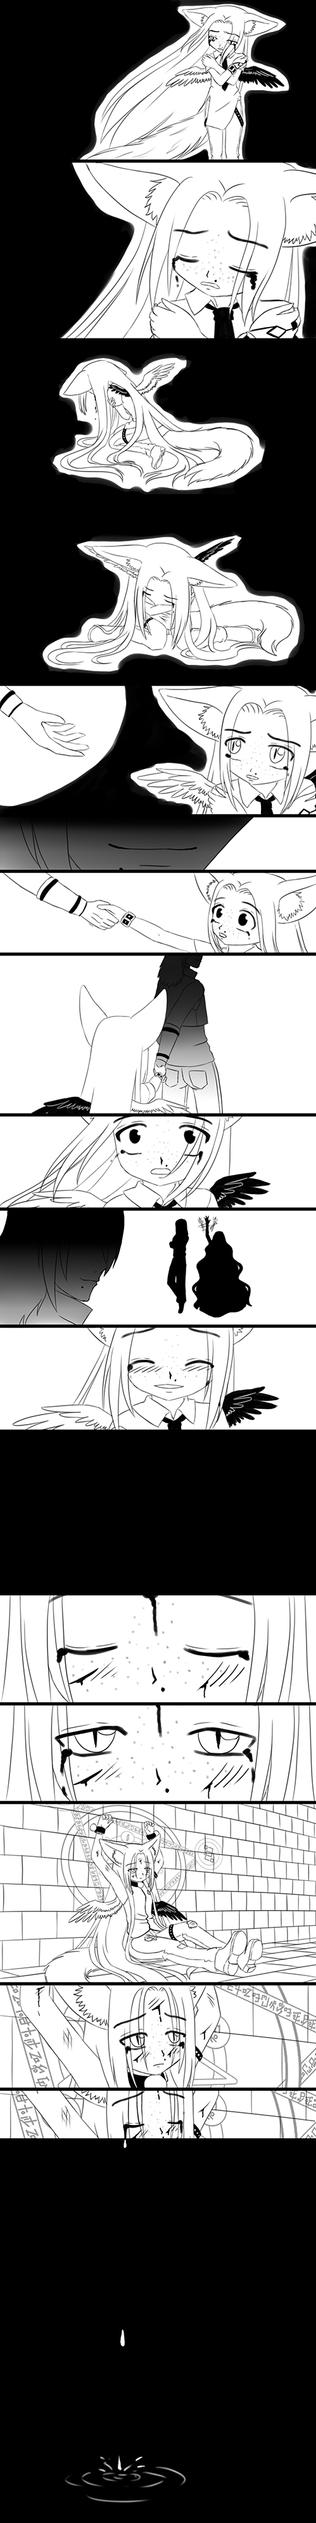 O-o by DarkLisenok